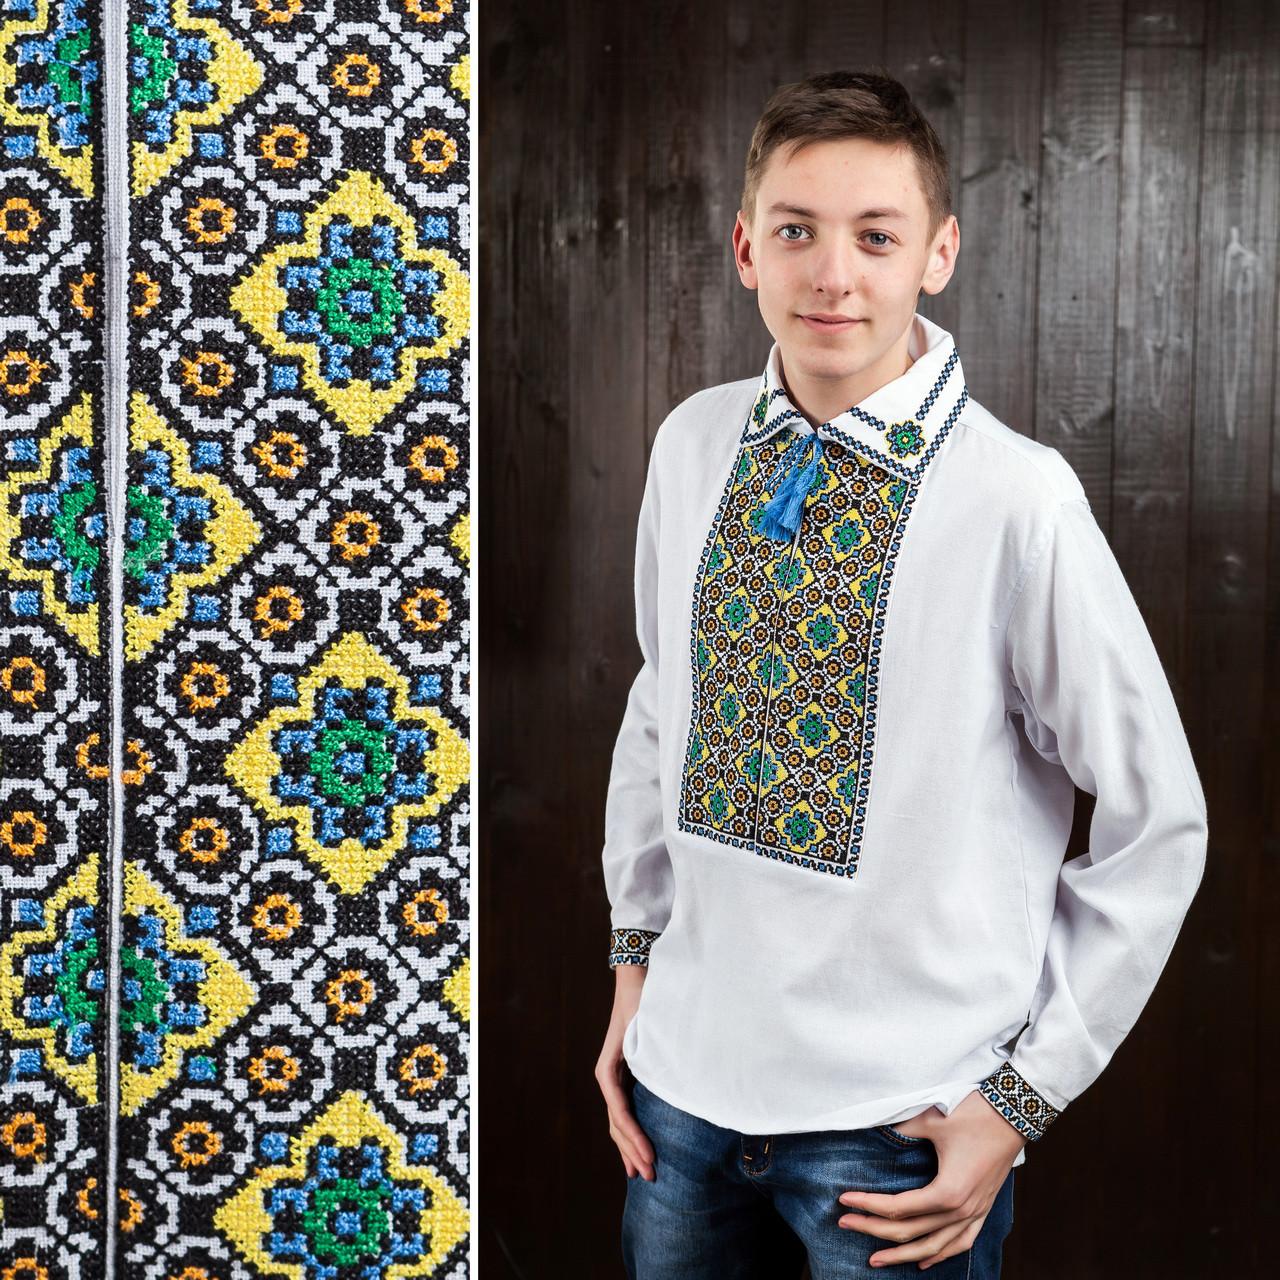 Чоловіча сорочка вишиванка на домотканому полотні.